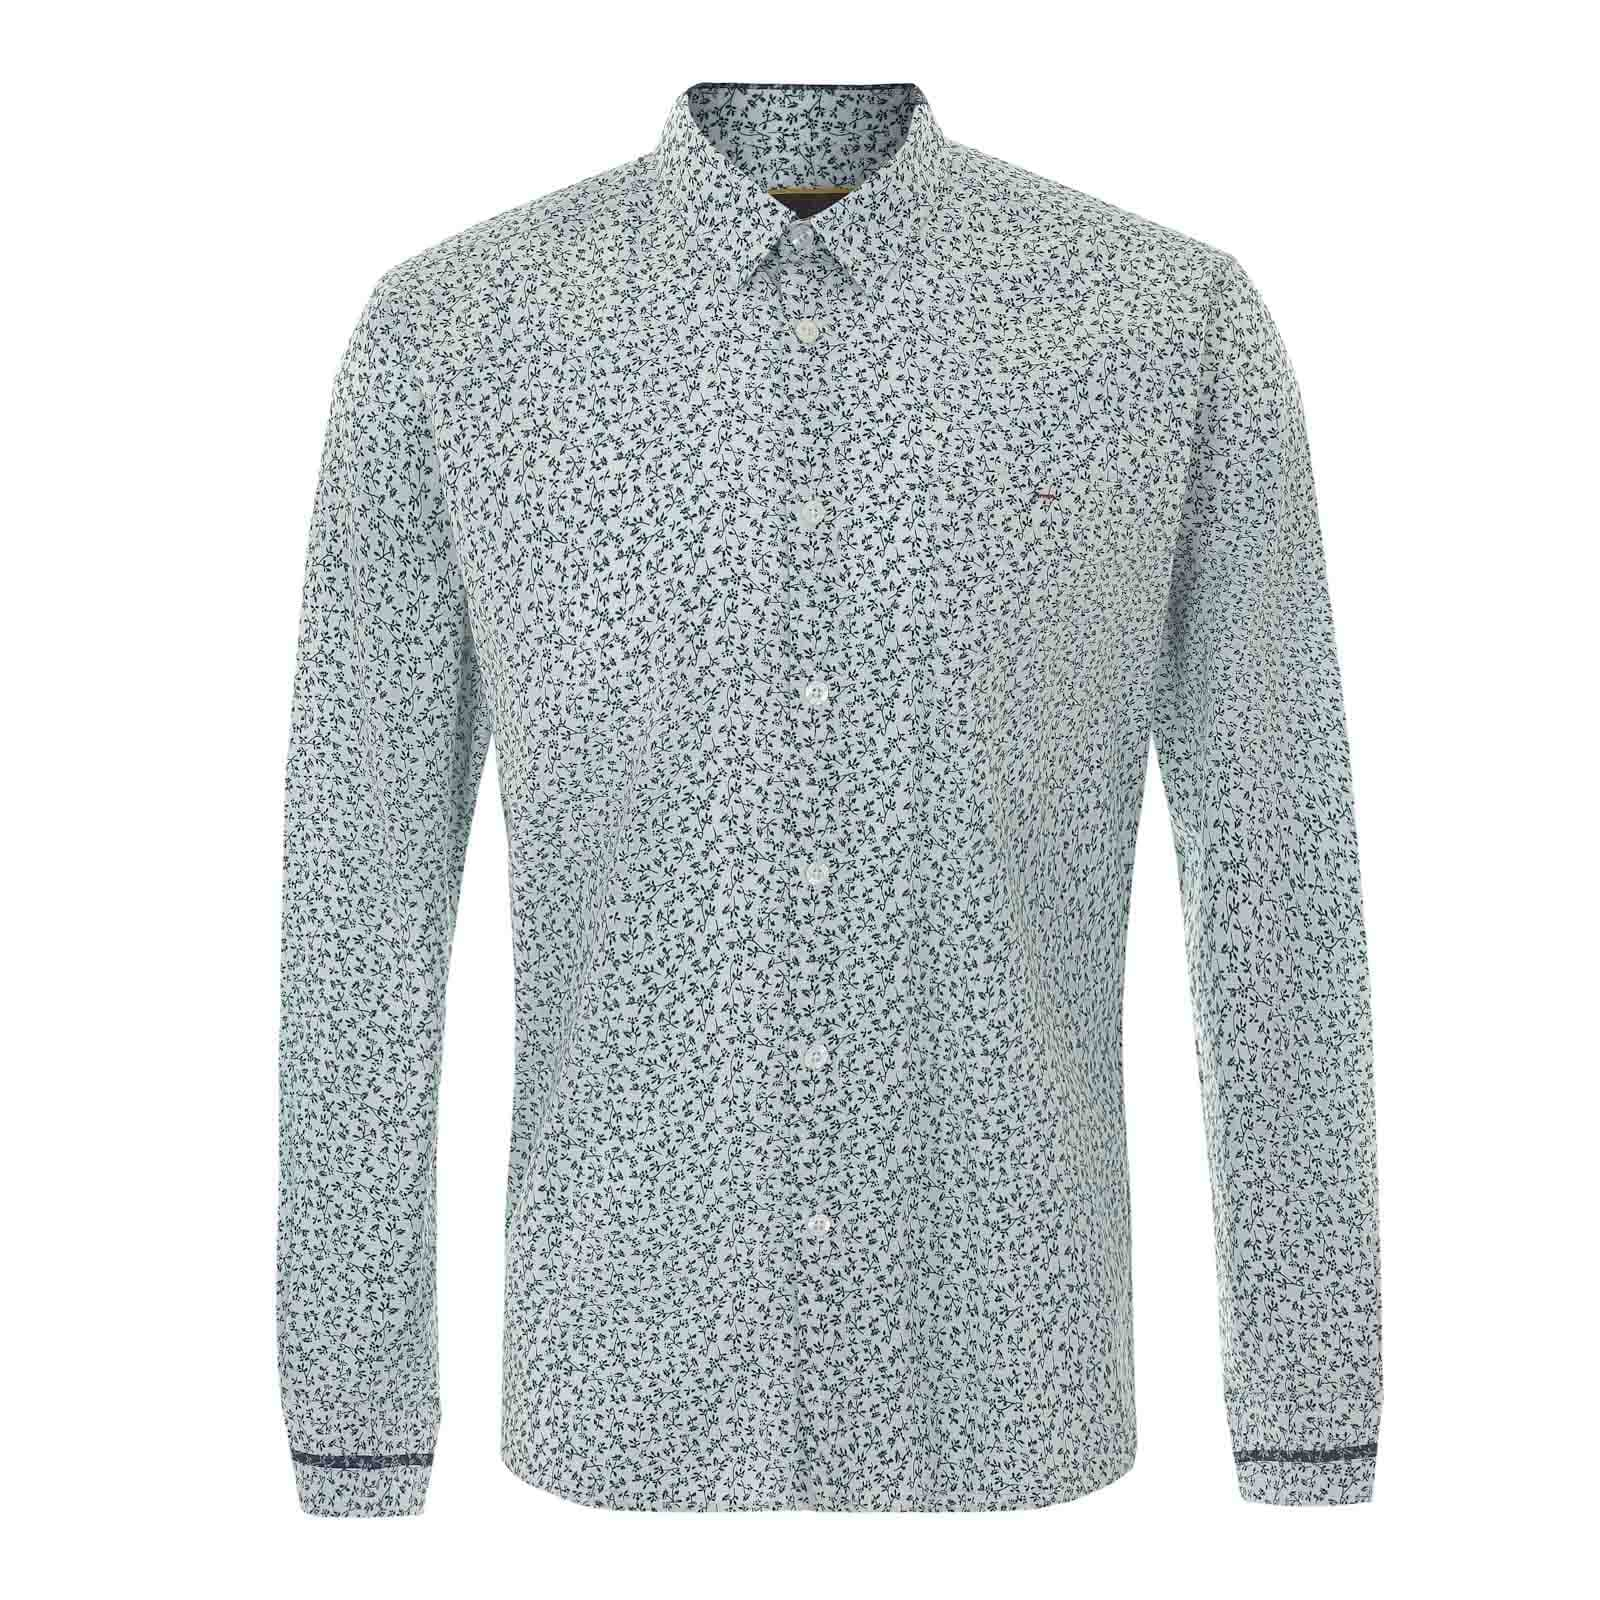 Рубашка NavarreРубашки<br>Мужская приталенная рубашка с традиционным для английского декора сплошным цветочным орнаментом, акцентирующим легкое настроение весеннее-летнего гардероба. Произведена из классической рубашечной ткани поплин. Украшена контрастными вставками на задней части воротника Кент и манжетах. Носится навыпуск, сочетаясь со светлыми чиносами и дезертами, а также шортами и лоферами на босу ногу.<br><br>Артикул: 1515104<br>Материал: 100% хлопок<br>Цвет: молочный<br>Пол: Мужской